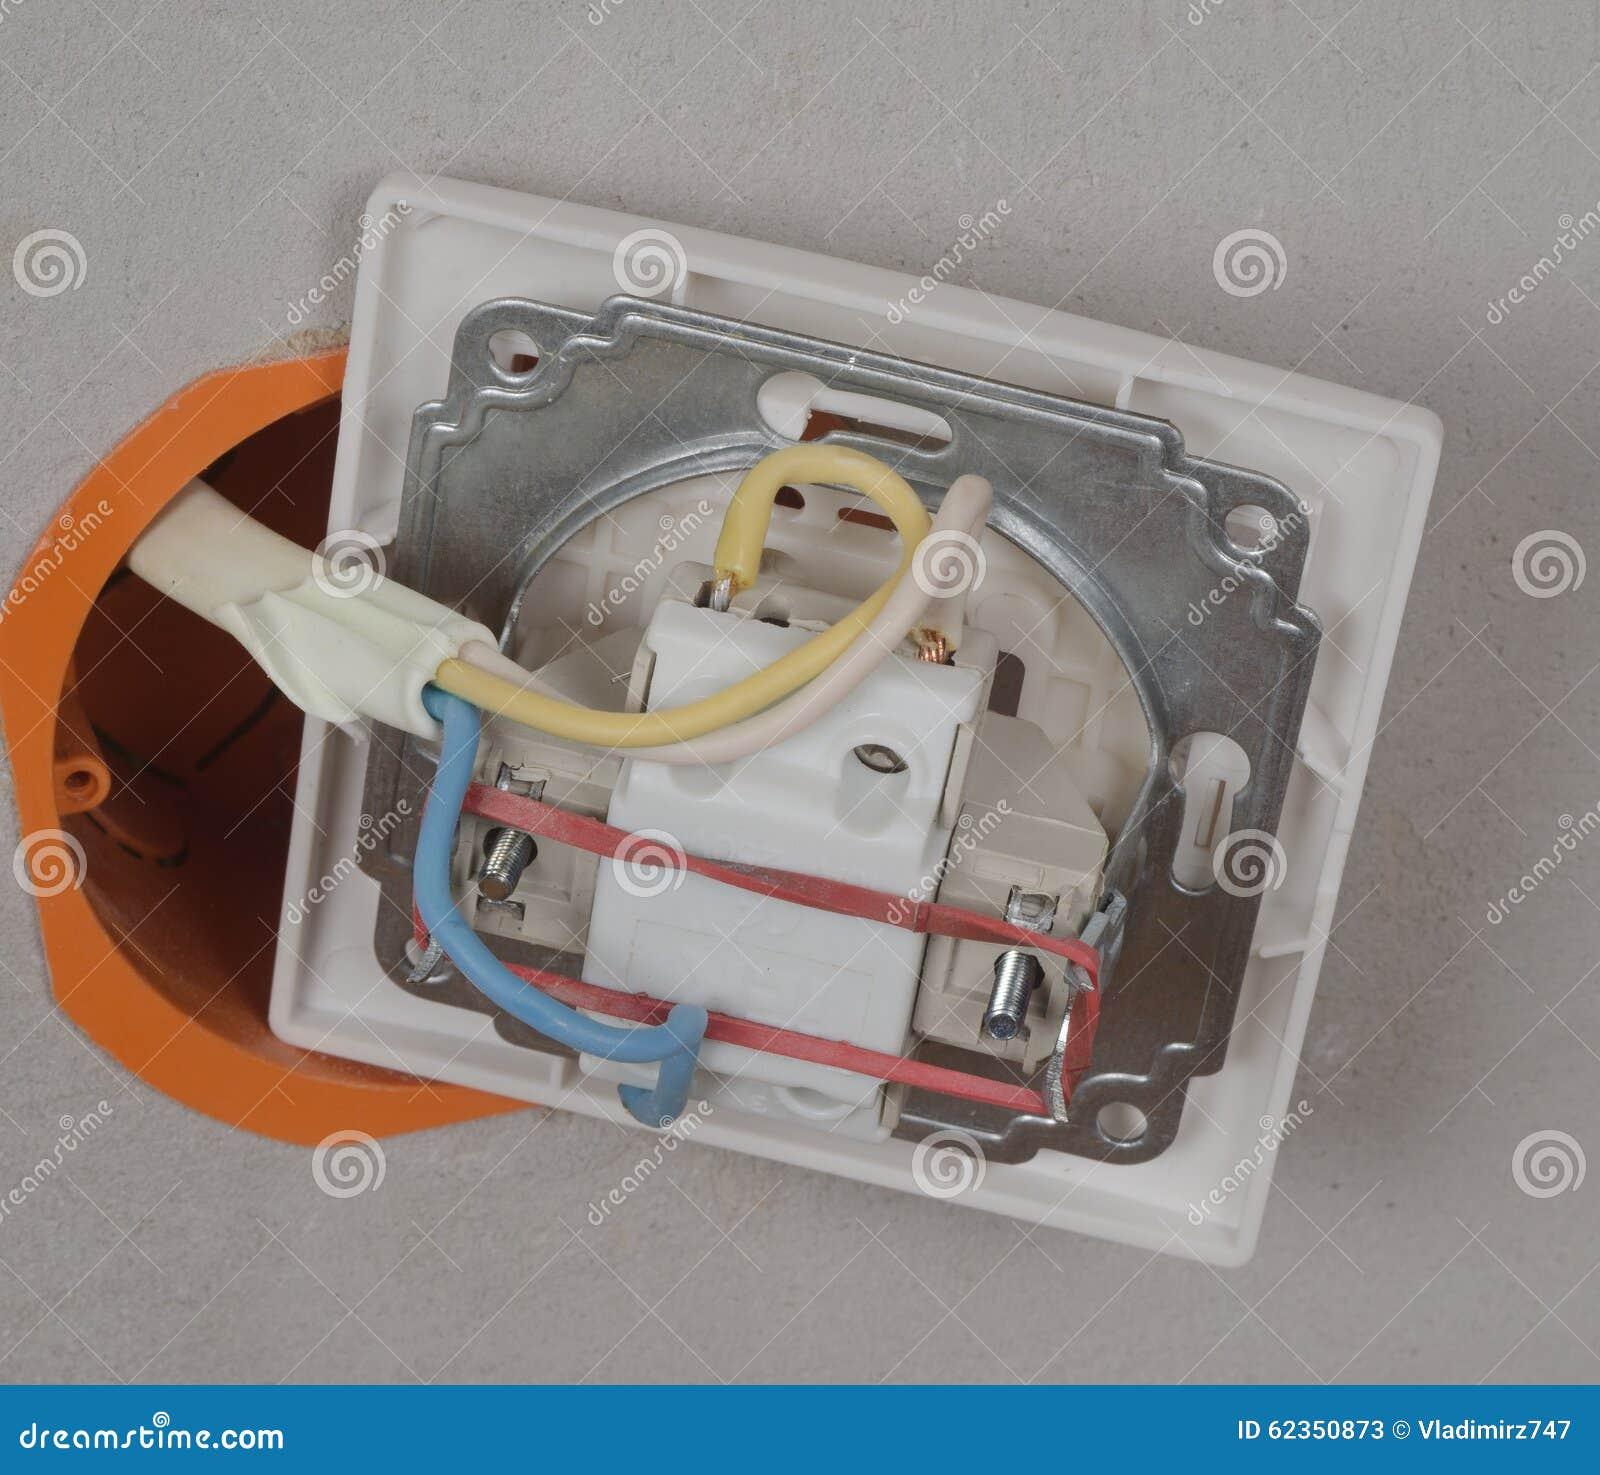 installation home wiring